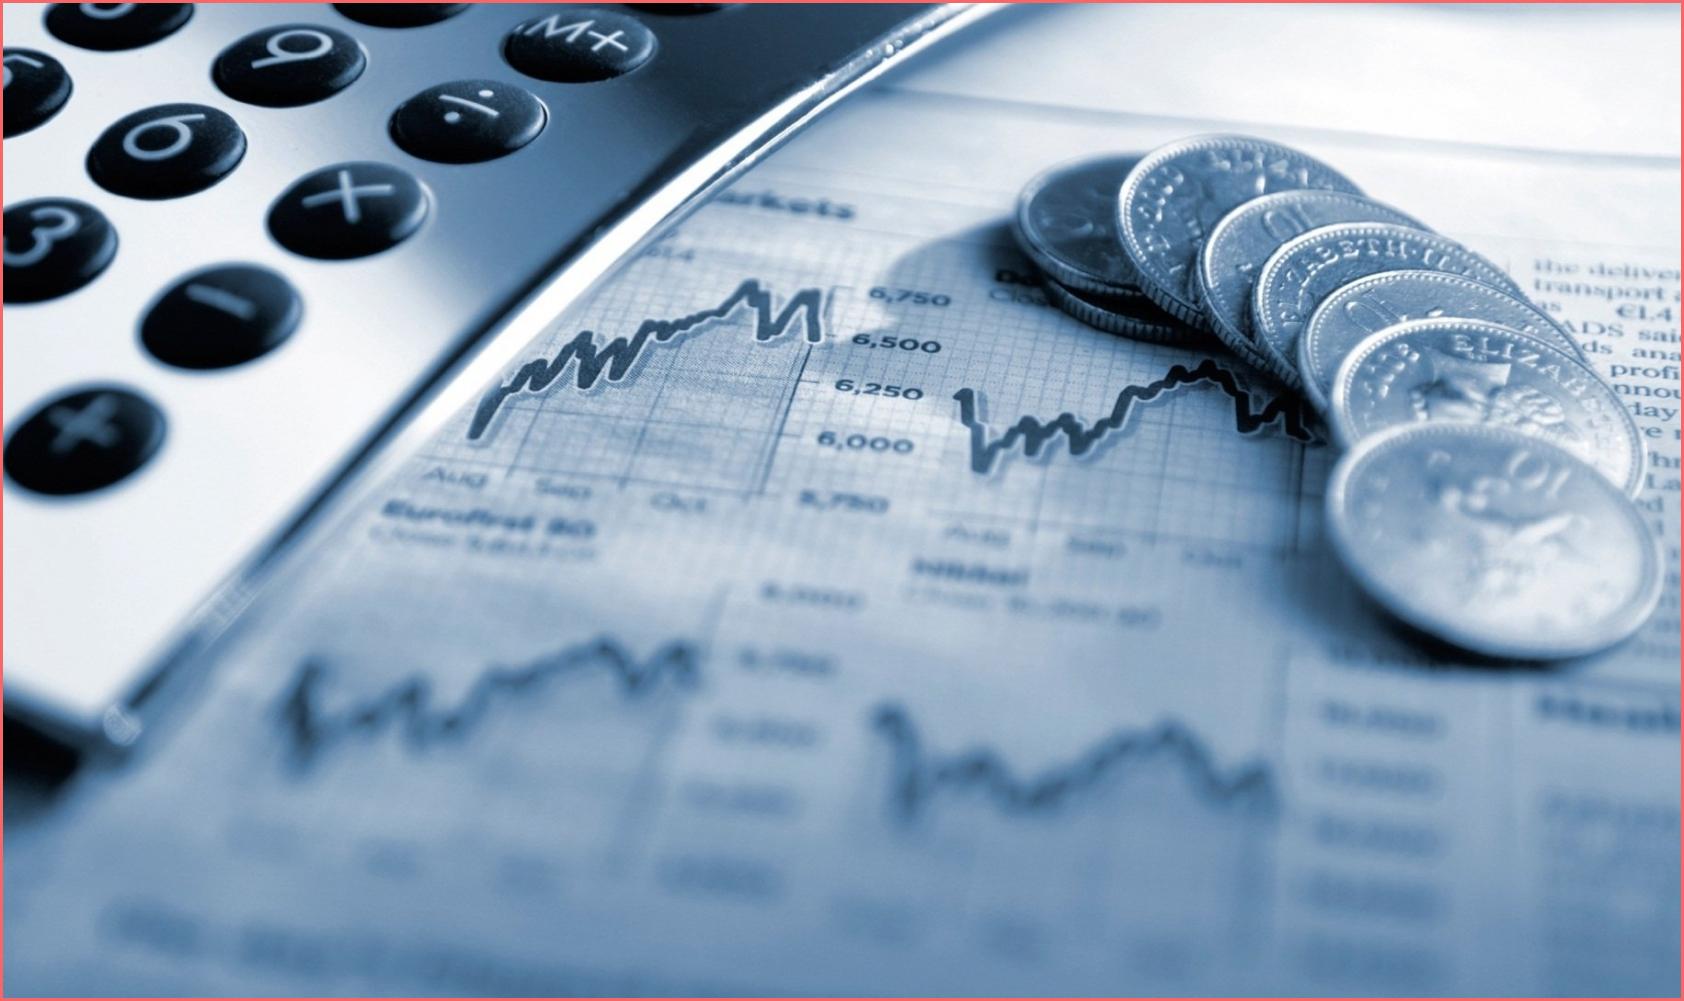 خطوات تأسيس شركة في تركيا معلومات شاملة عن تأسيس شركات في تركيا